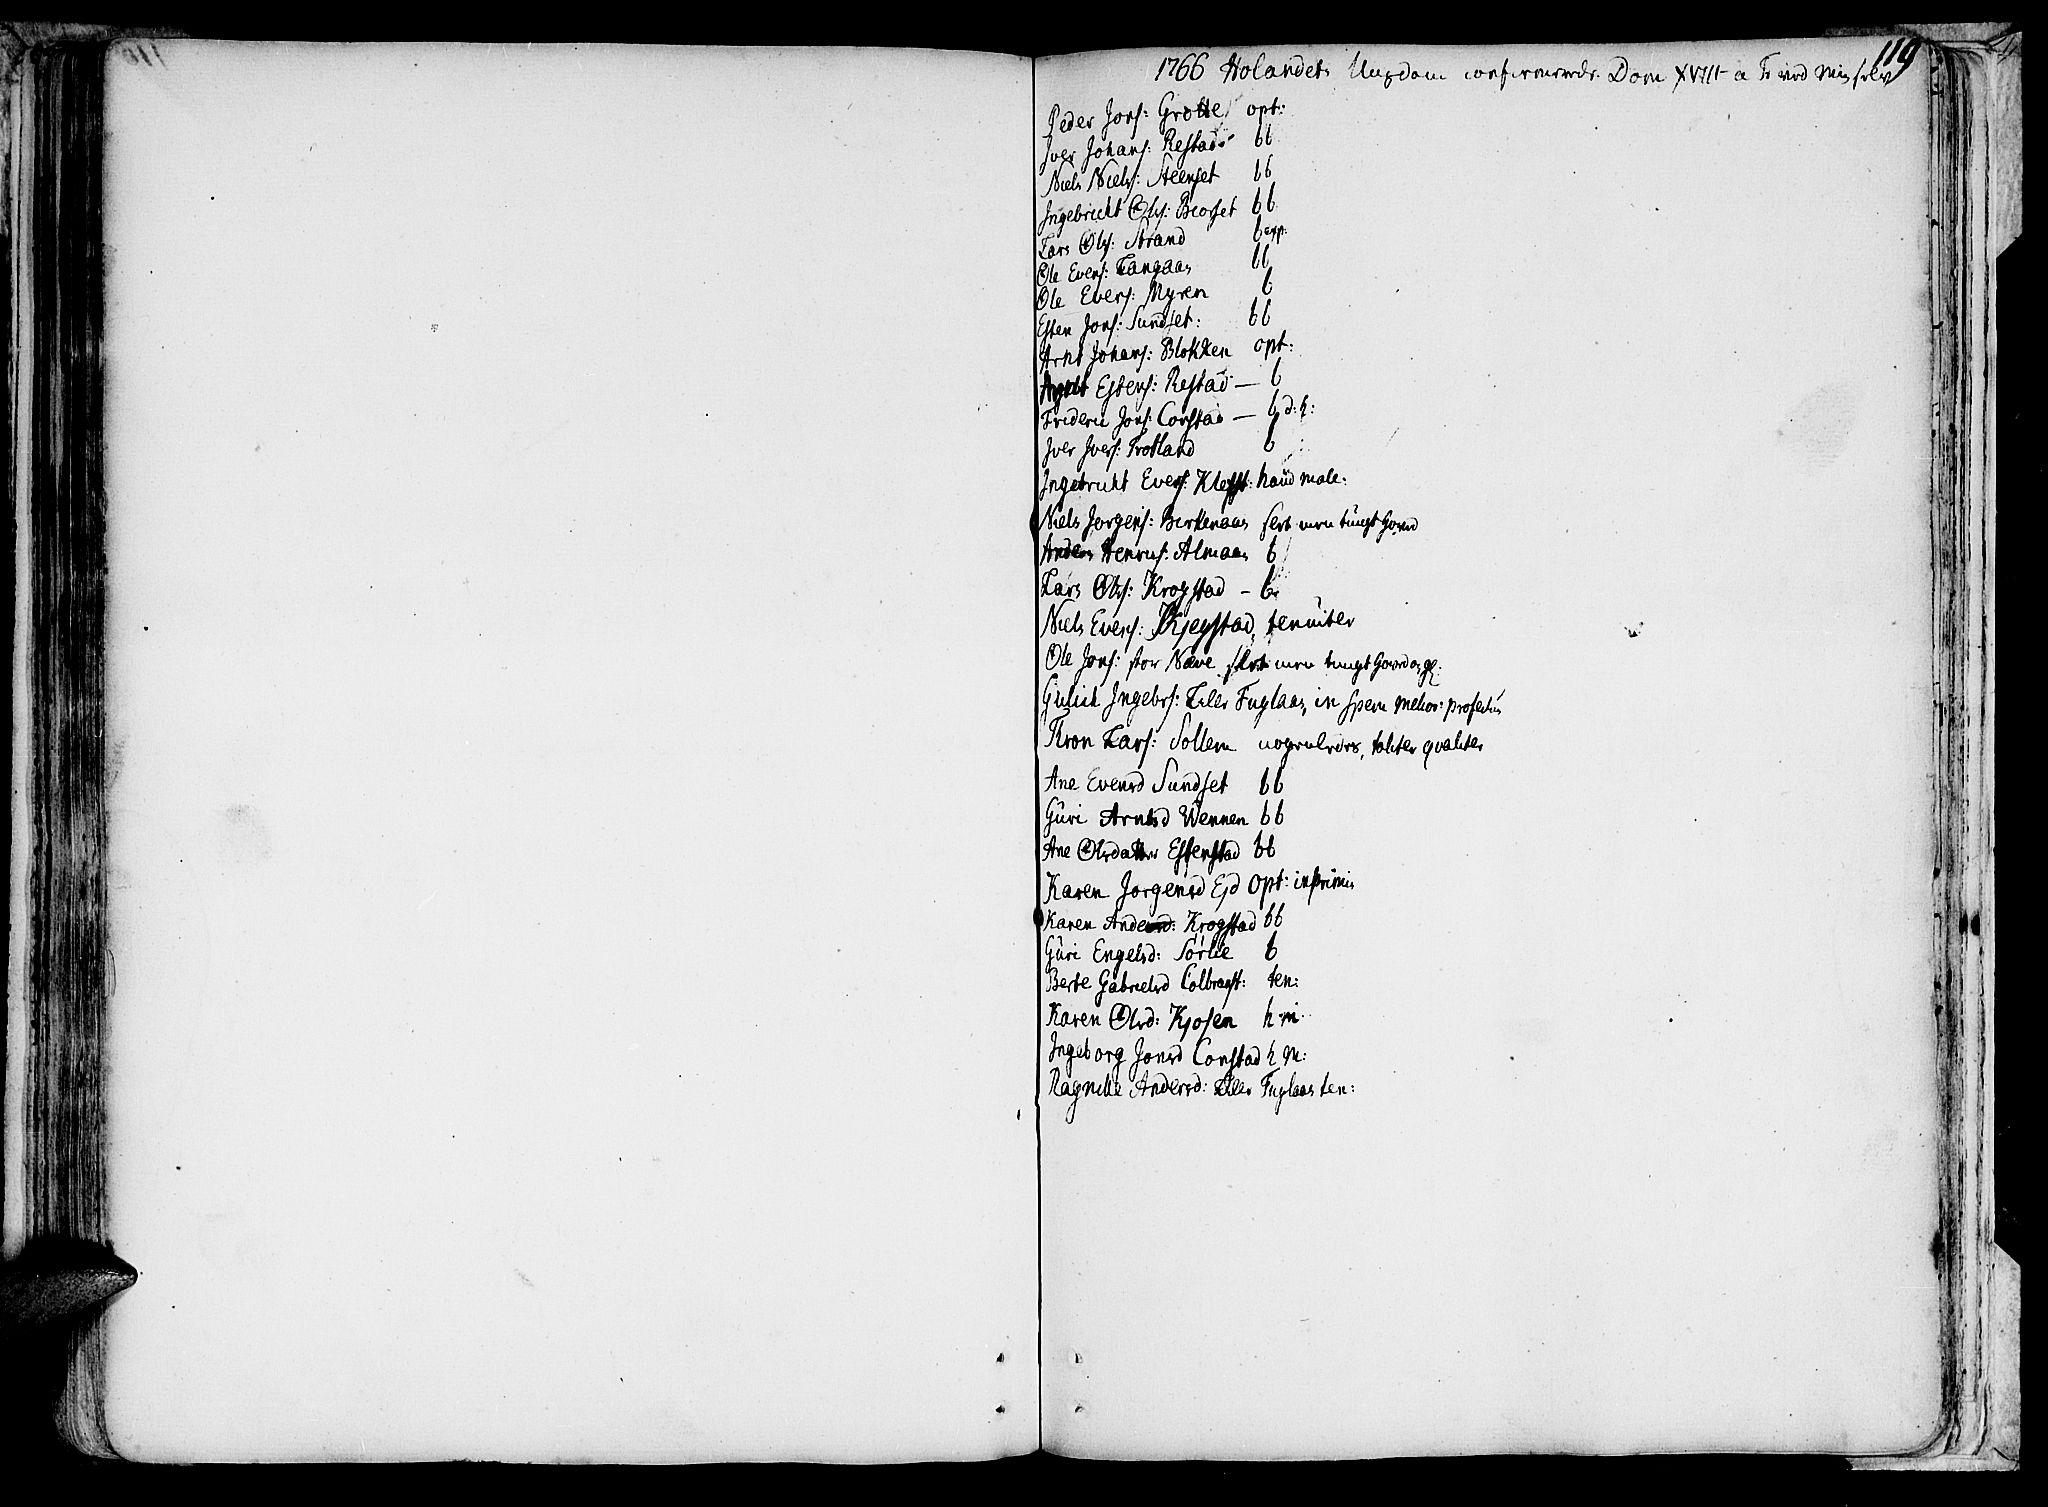 SAT, Ministerialprotokoller, klokkerbøker og fødselsregistre - Sør-Trøndelag, 691/L1060: Ministerialbok nr. 691A01 /4, 1740-1767, s. 114